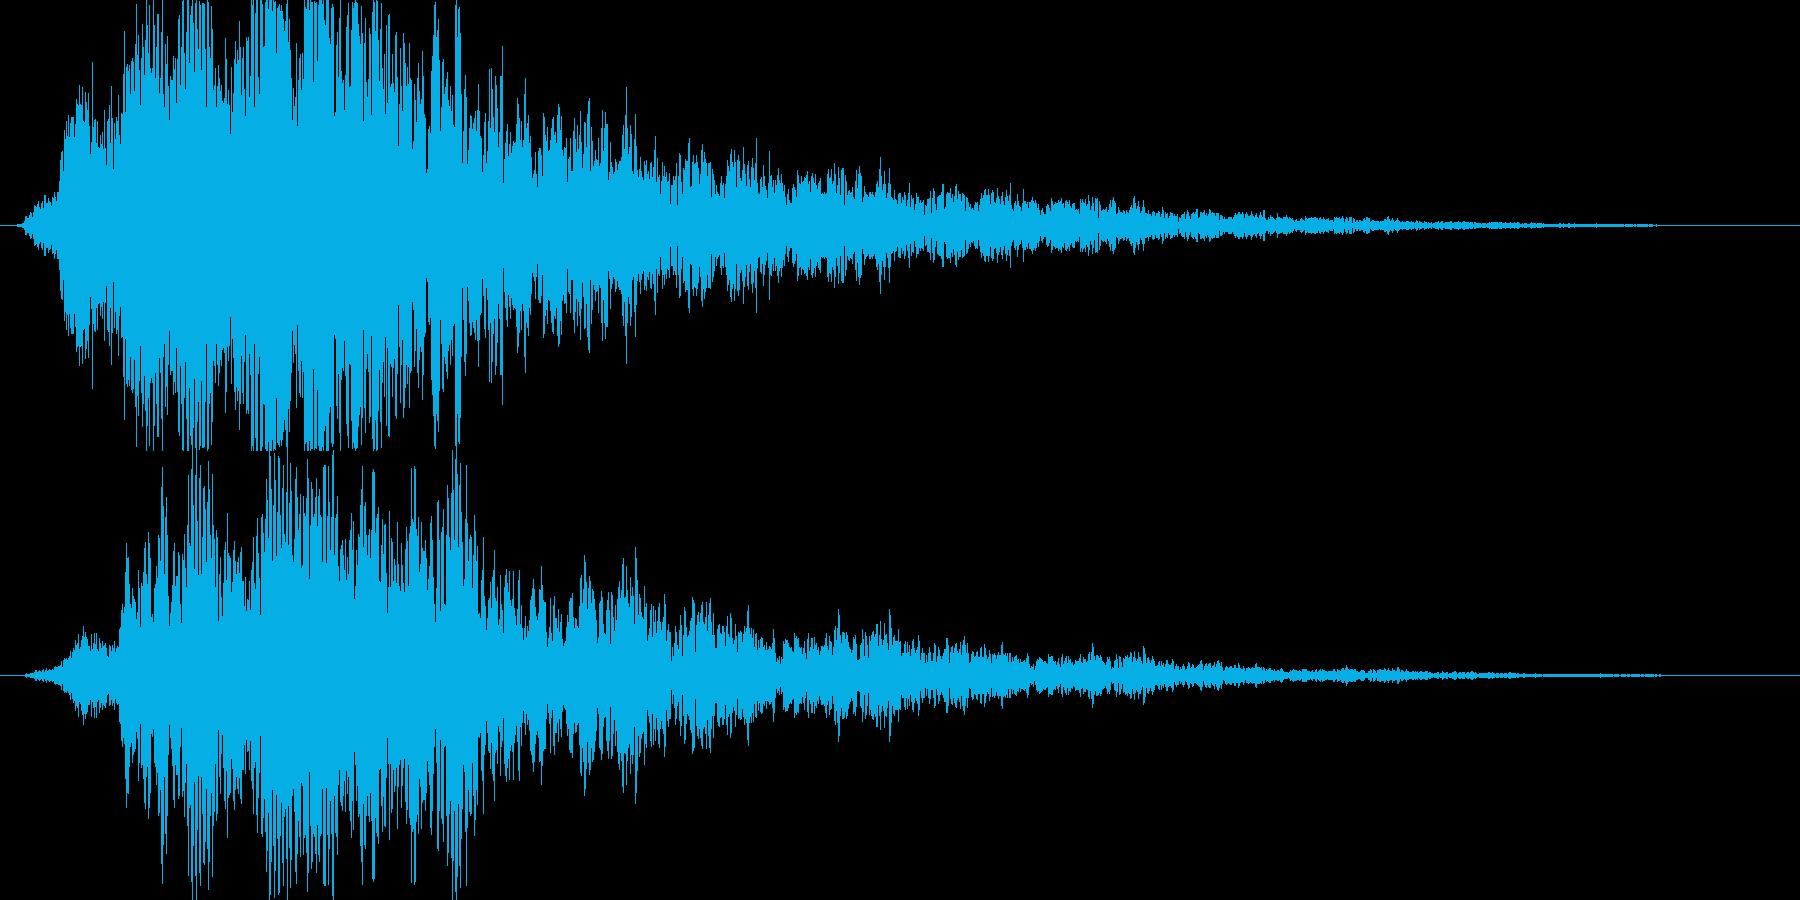 シャキーン打撃 必殺技や最後の一撃1H2の再生済みの波形